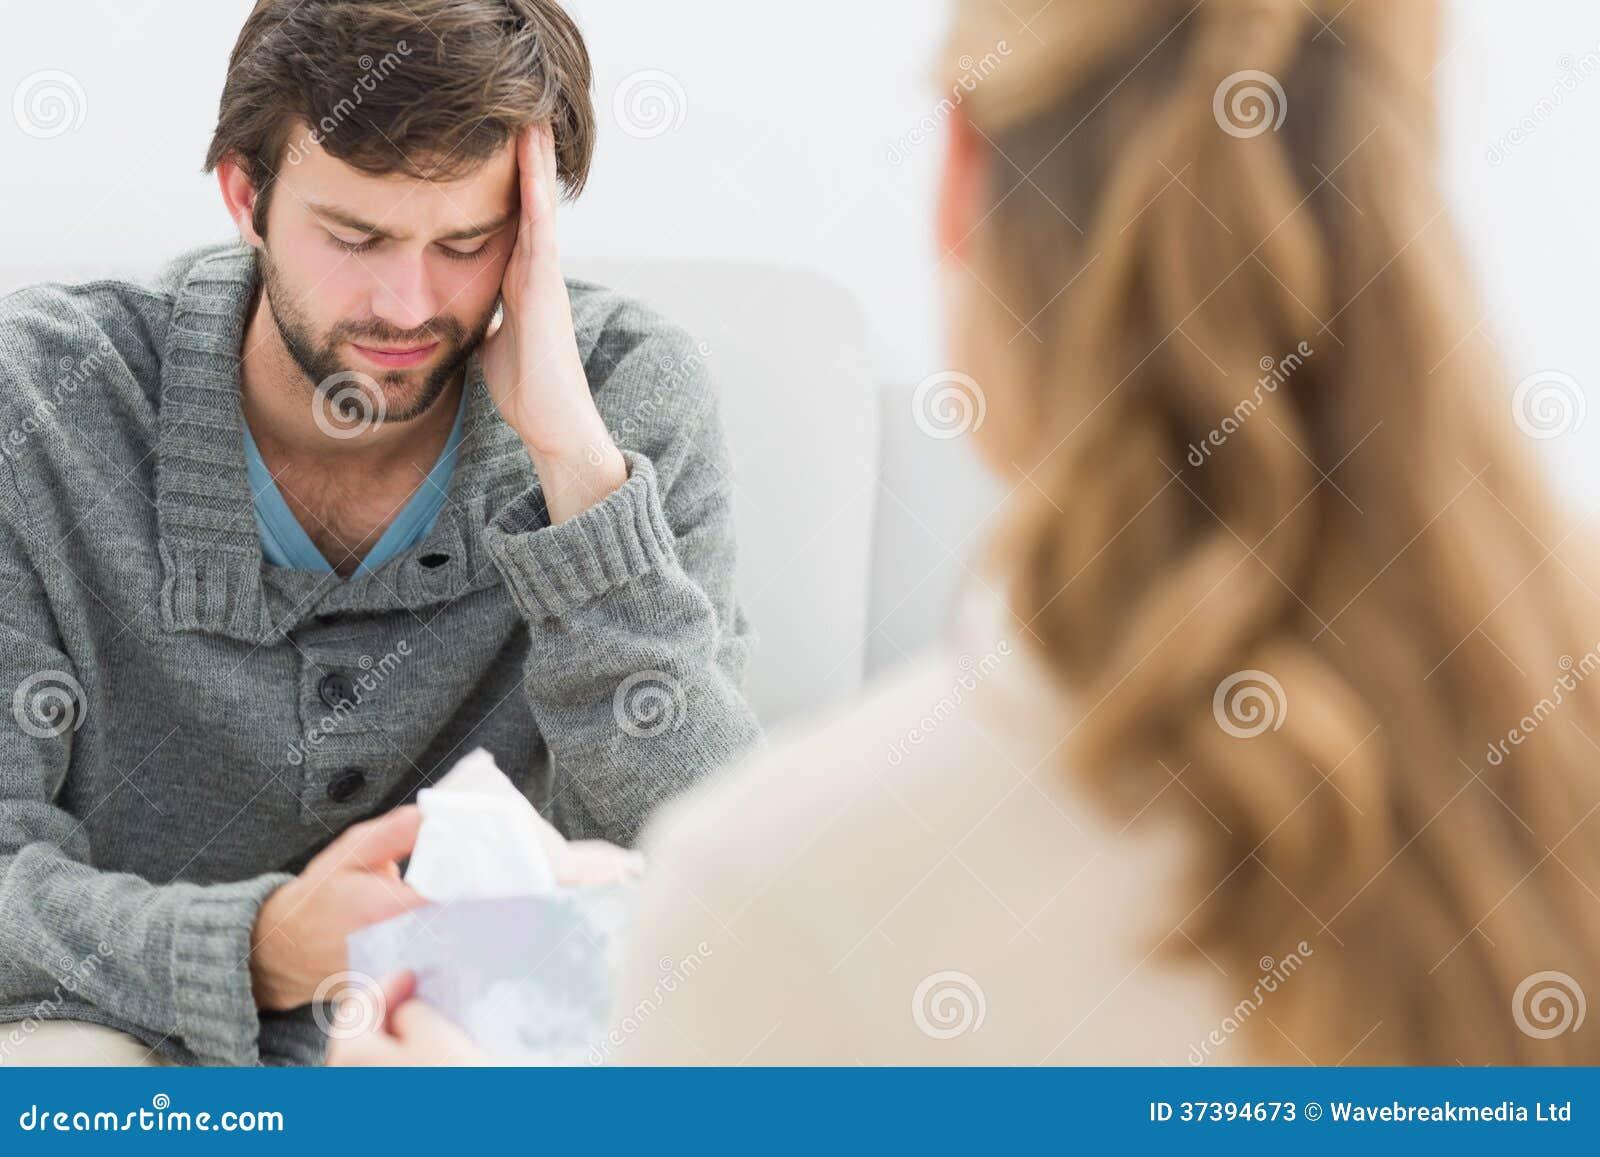 年轻人在与心理学家的会谈